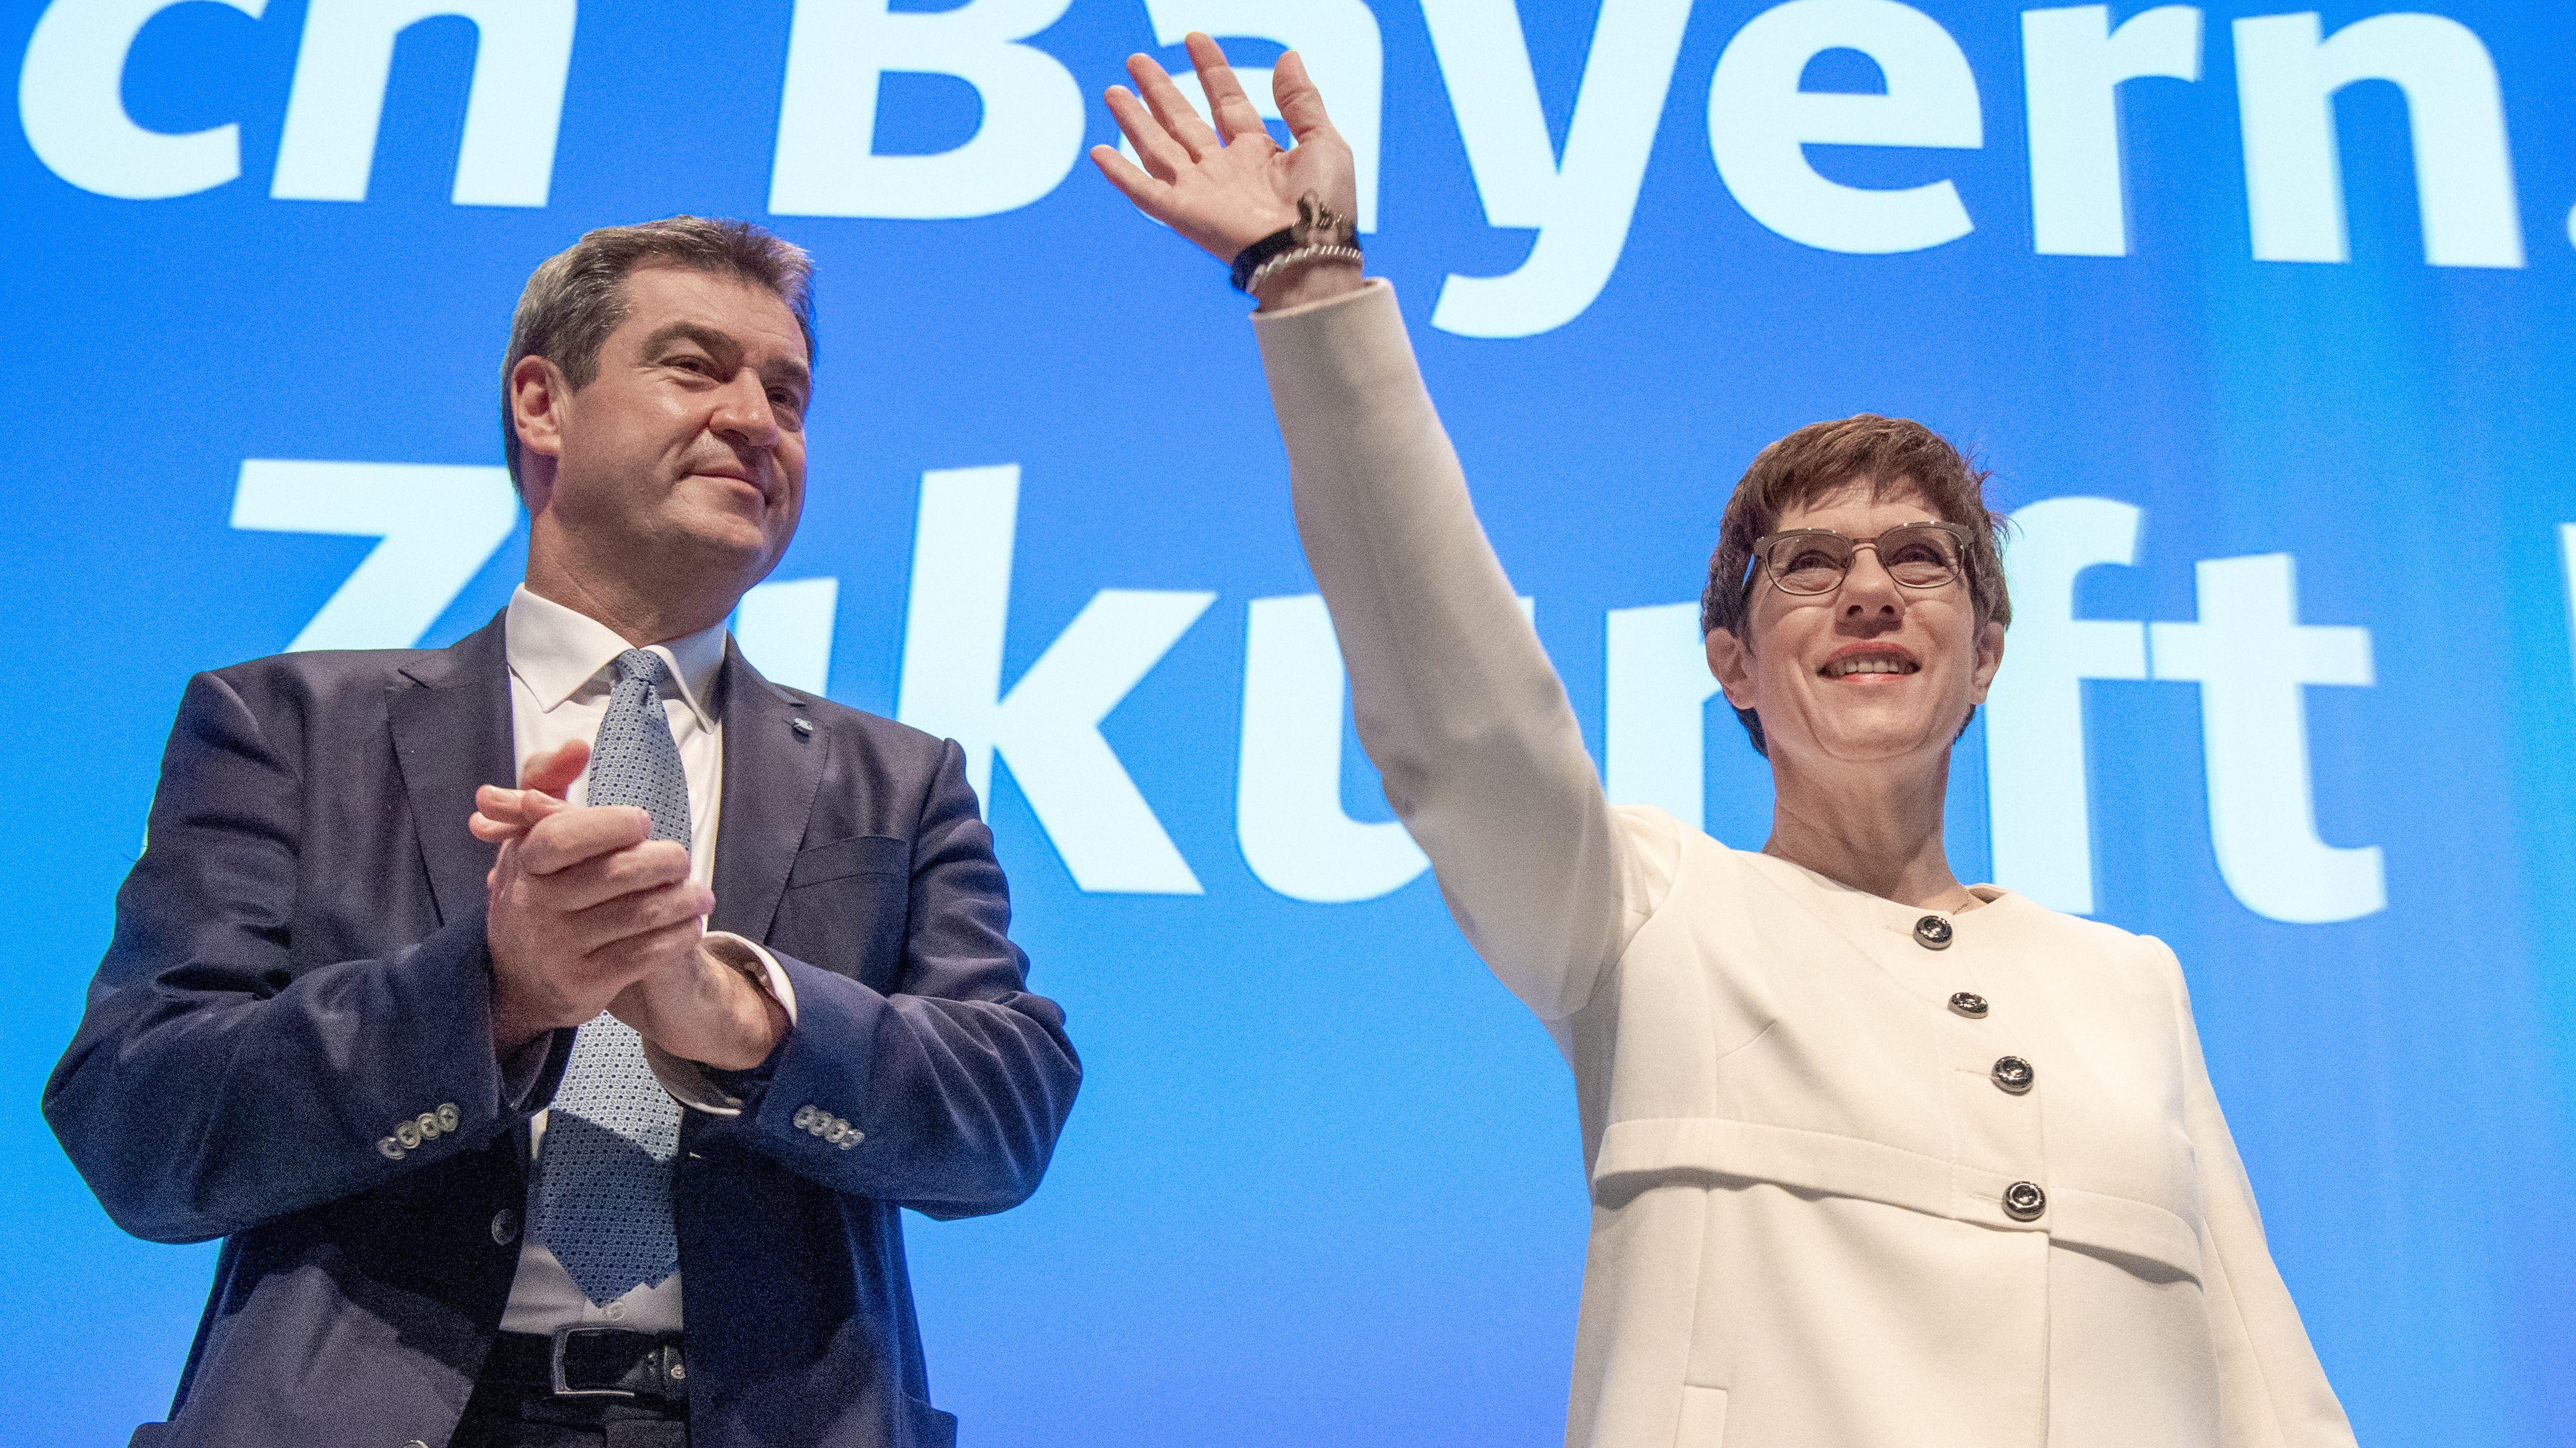 Annegret Kramp-Karrenbauer und Markus Söder am zweiten Tag des CSU-Parteitags in München